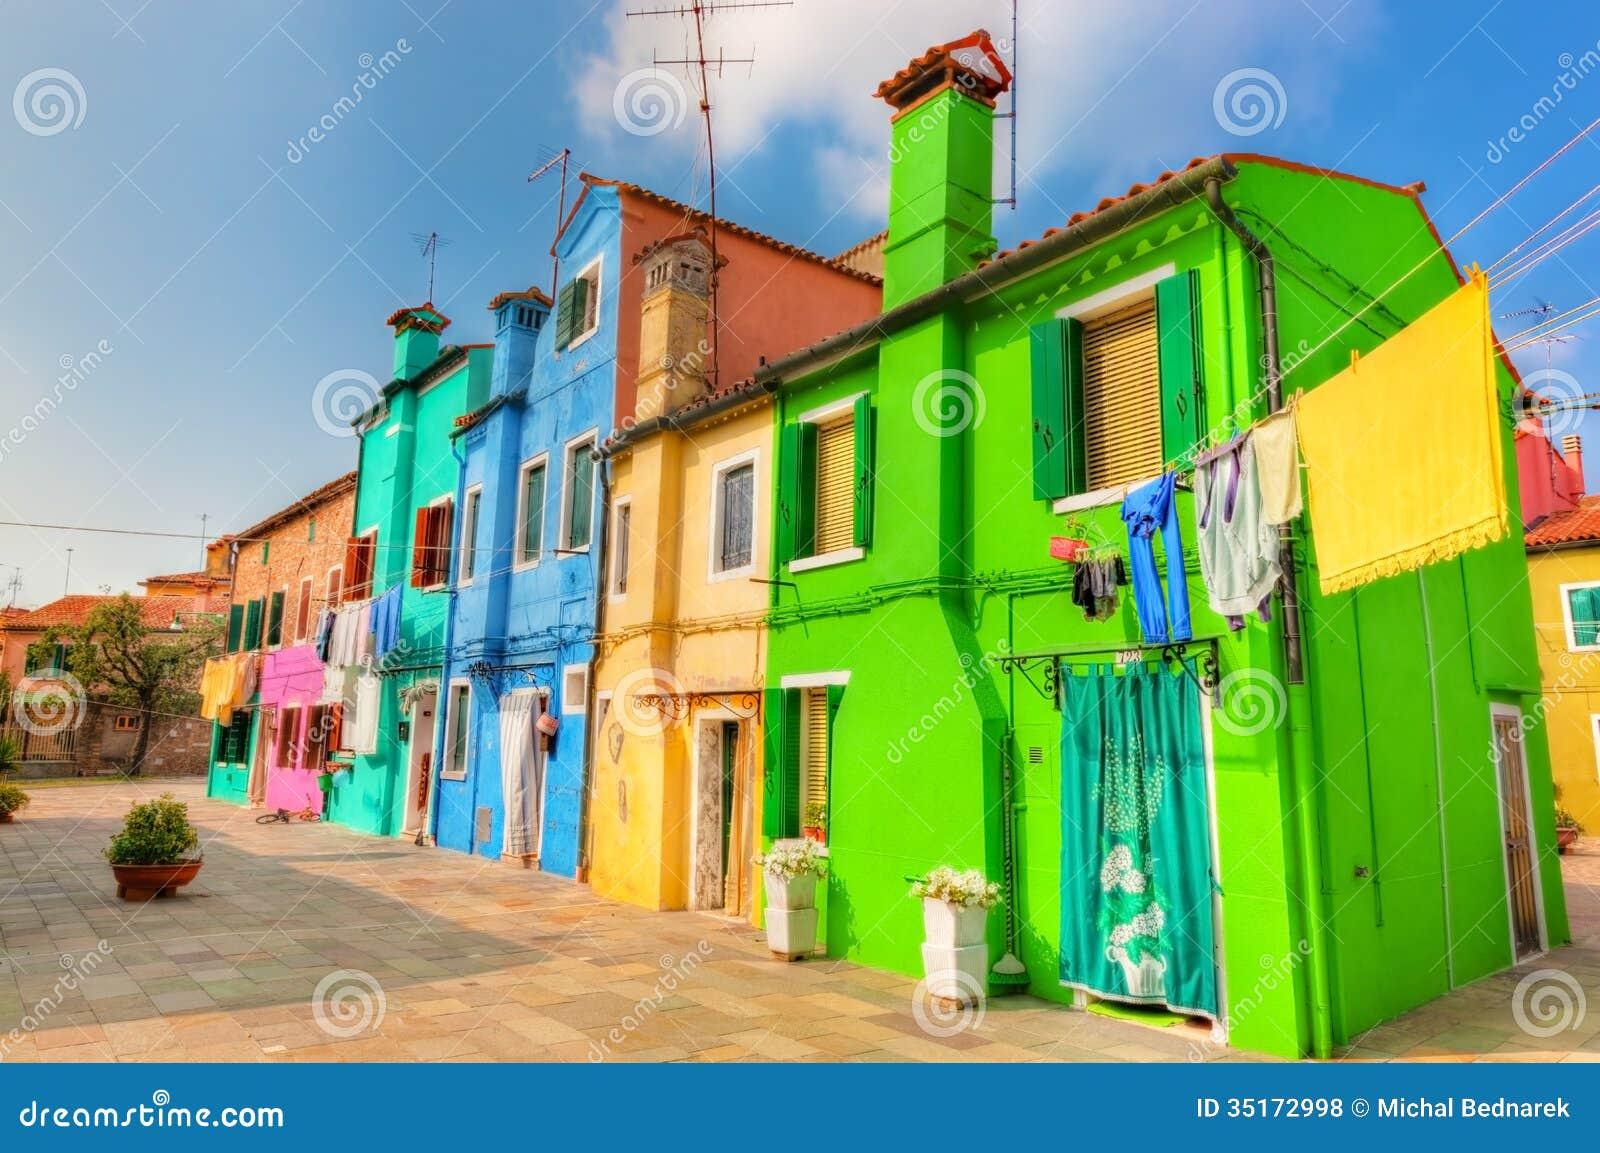 Casas coloridas en la isla de Burano, cerca de Venecia, Italia